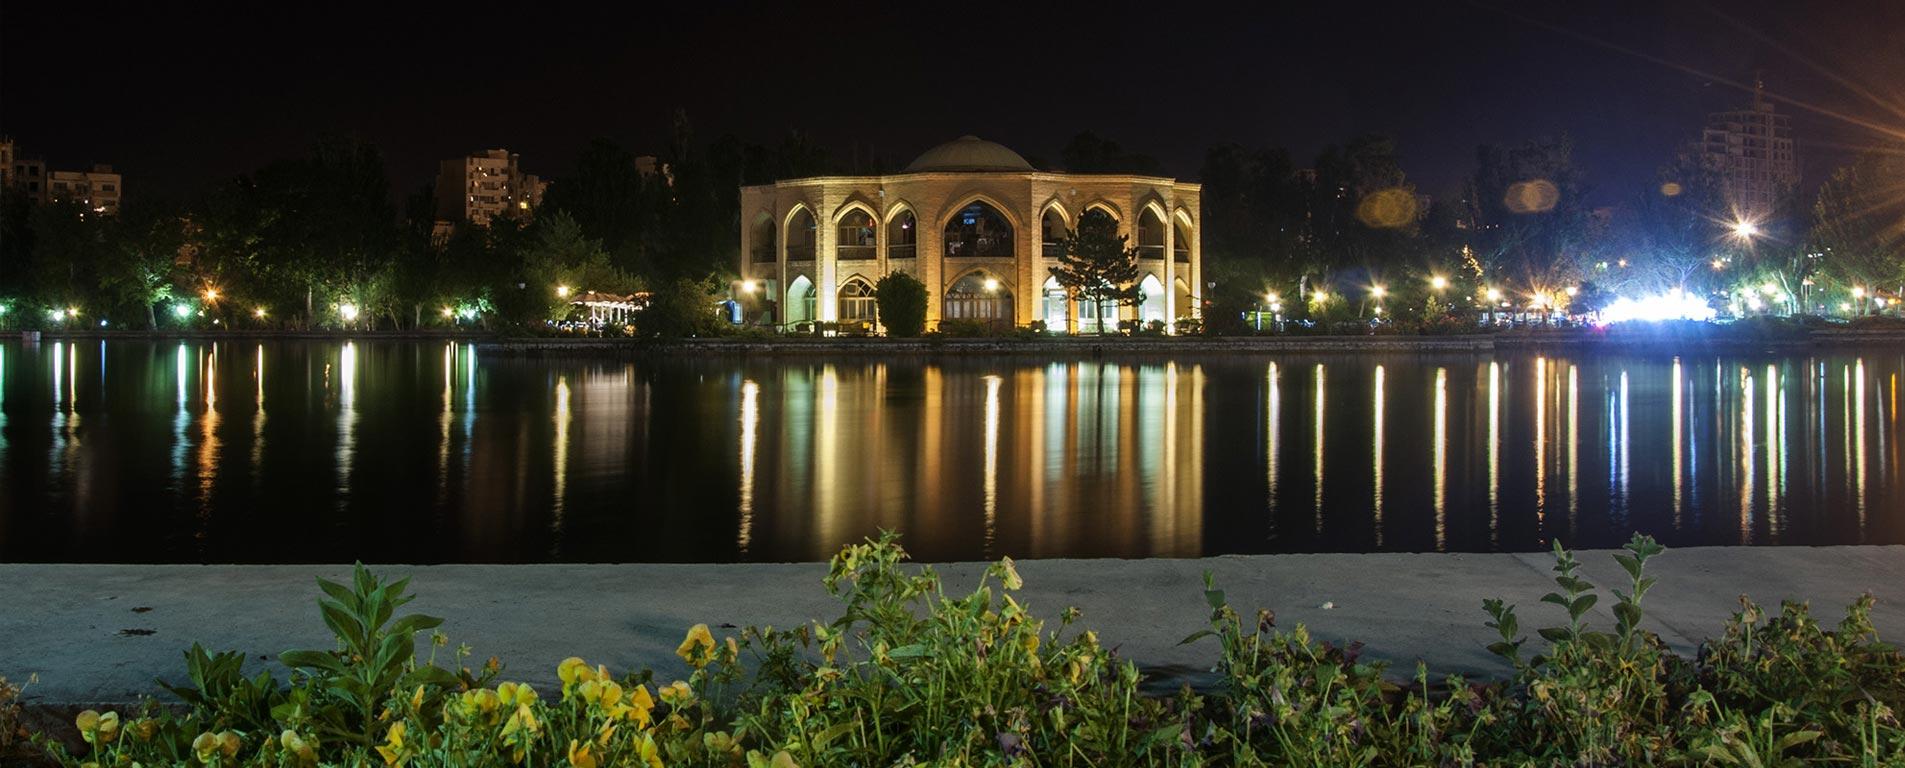 باغ ائل گلی ، میراث خوش نقش تاریخ که نماد تبریز شد